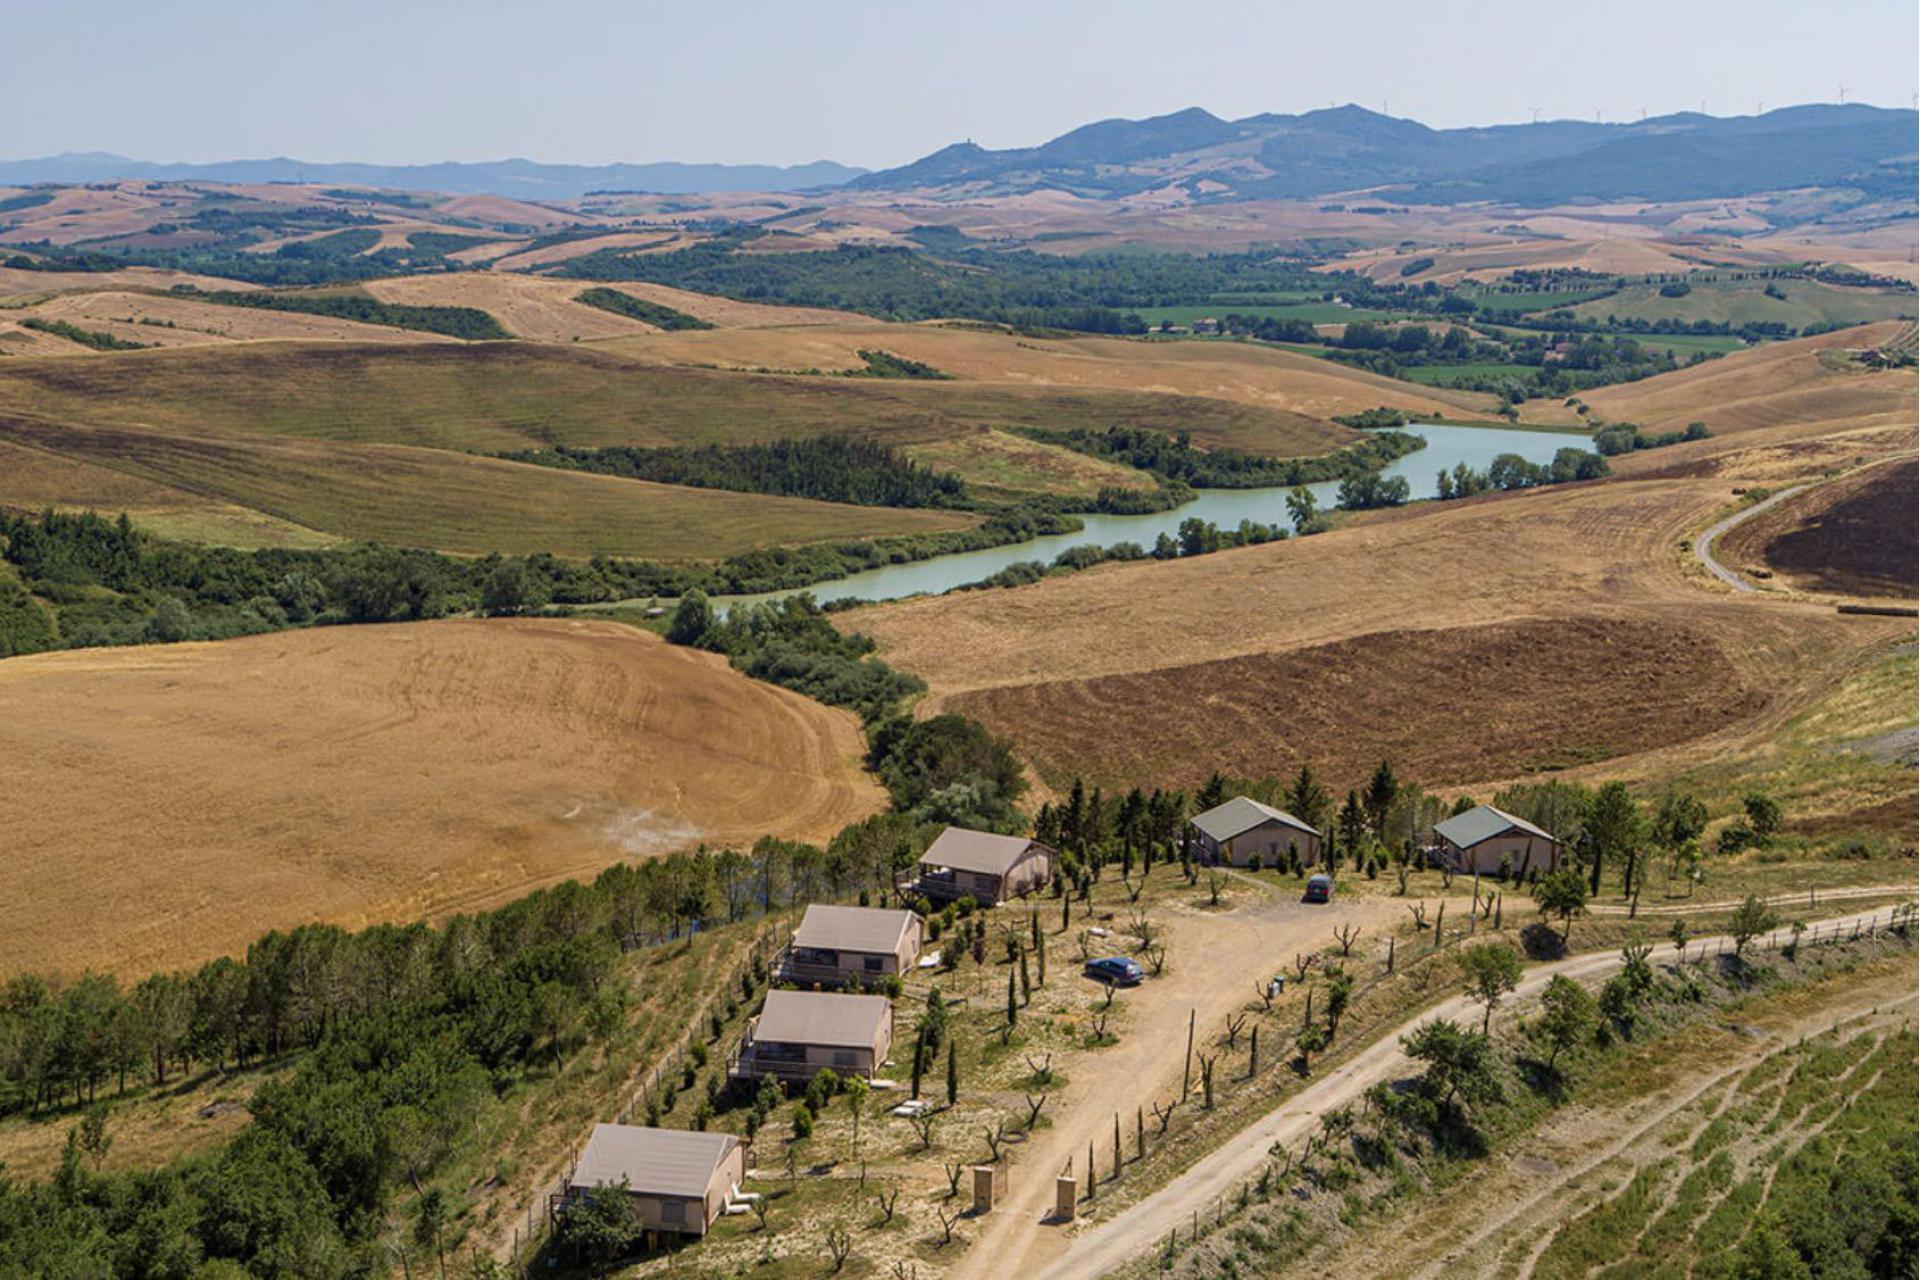 Agriturismo Toscane Glamping Toscane kleinschalig - prachtig uitzicht! | myitaly.nl